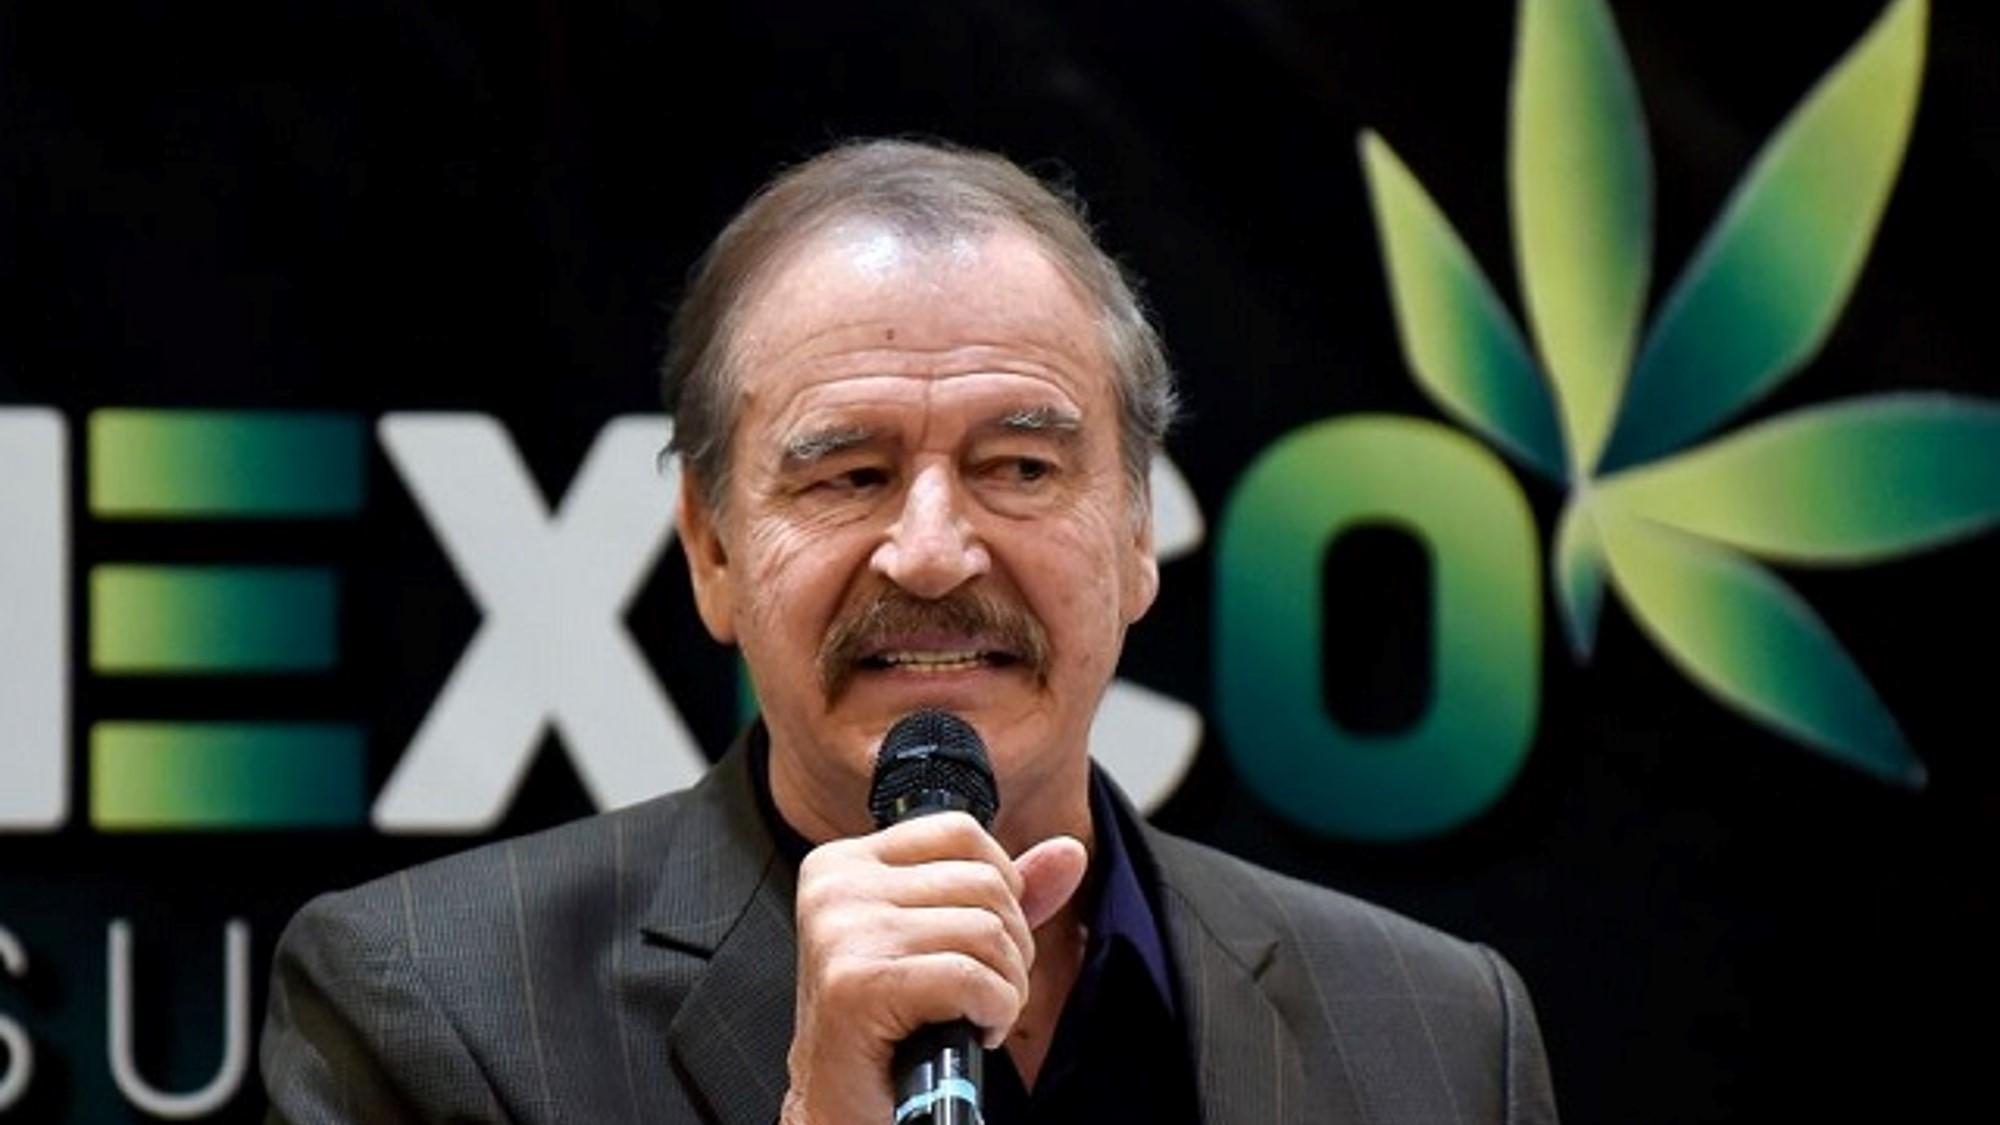 Como empleado de una empresa trasnacional del ramo farmacéutico, Vicente Fox va a Canadá a aplaudir la despenalización de la cannabis